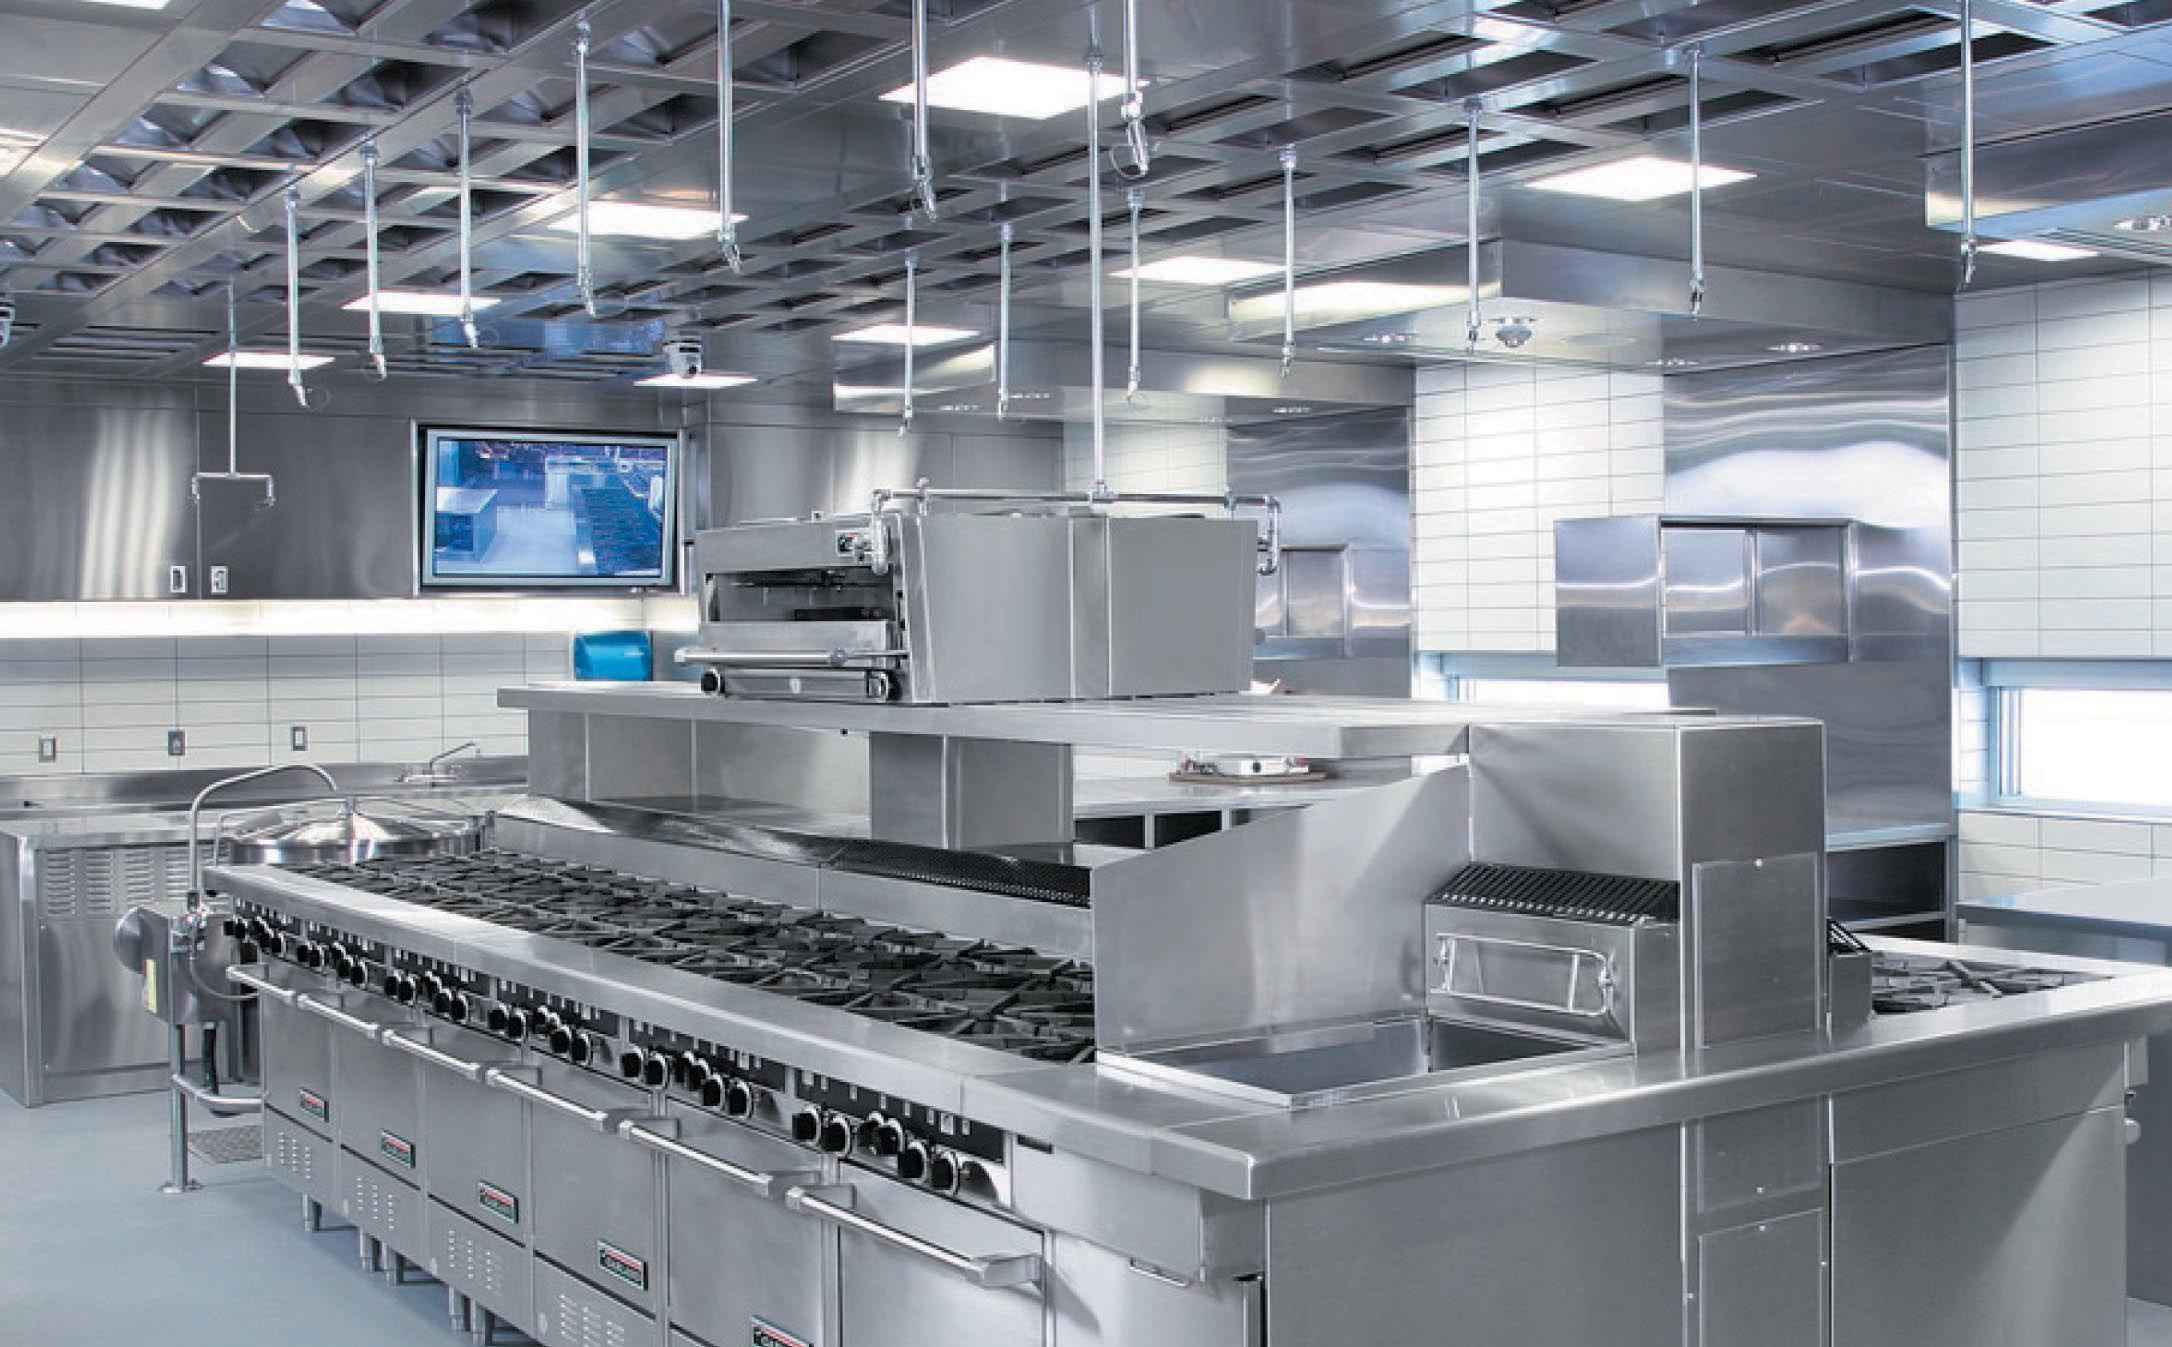 impianto di ventilazione delle cucine professionali